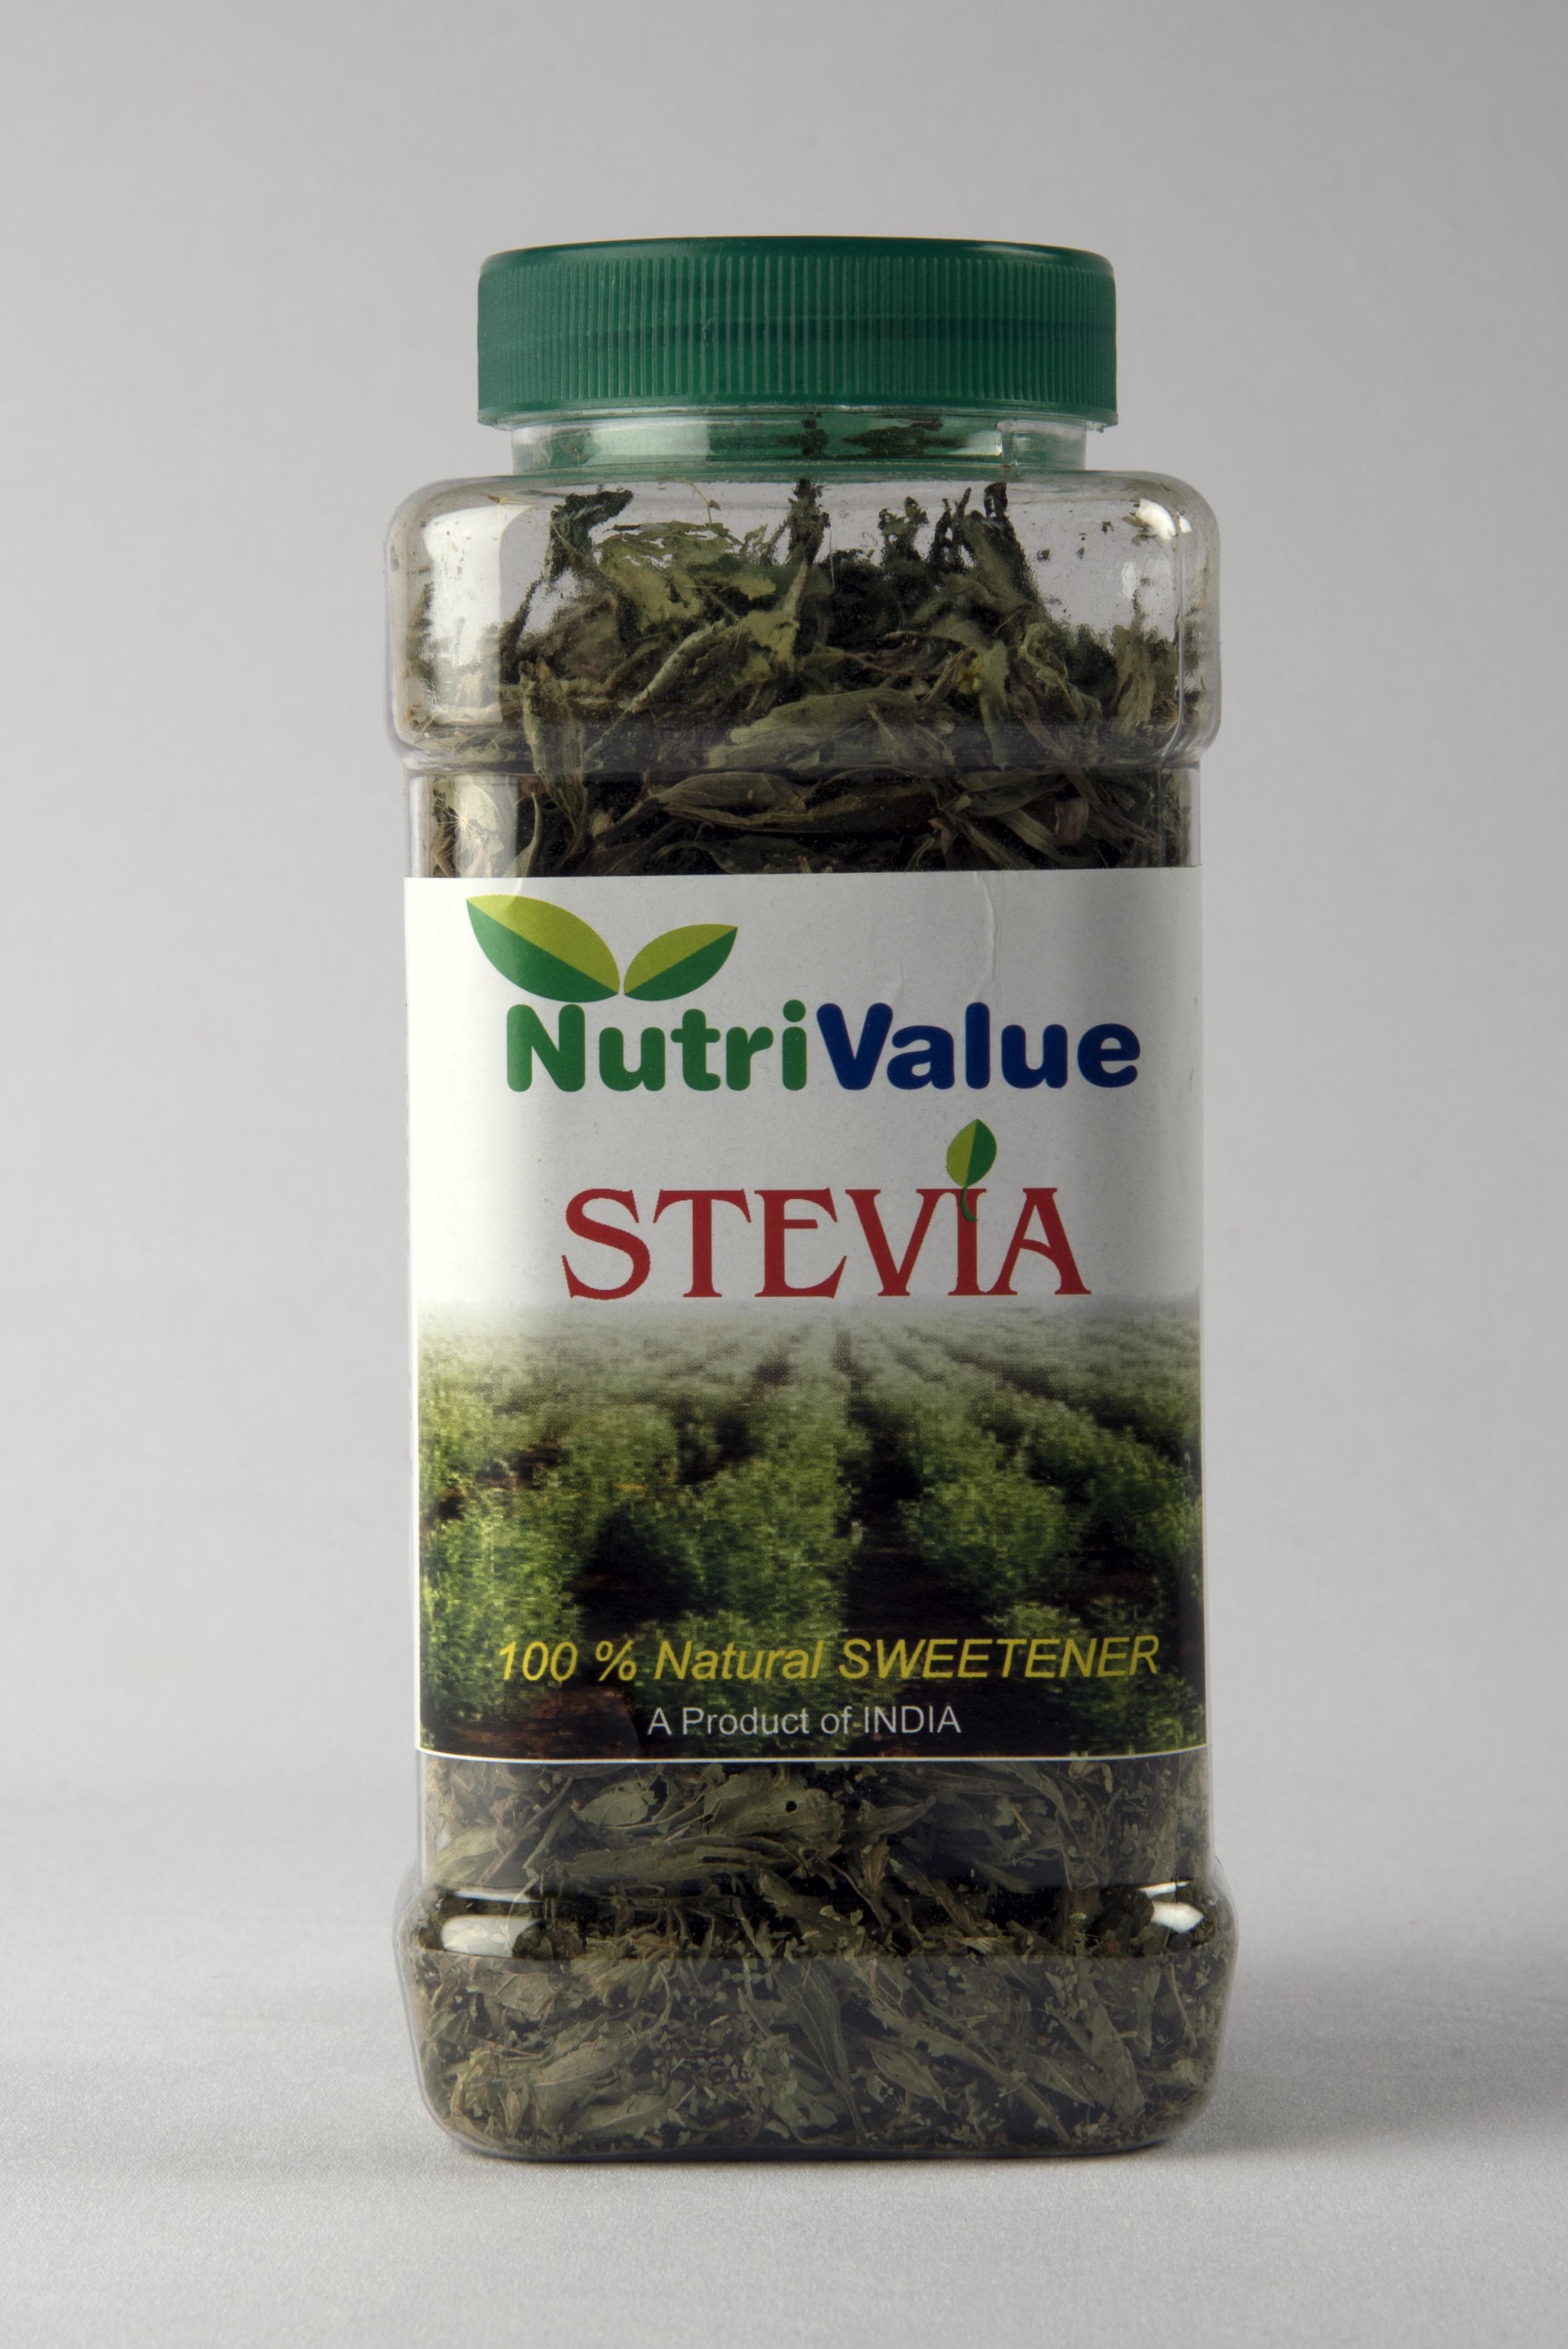 Nutrivalue Stevia Dry (Raw) leaves 100 % natural sweetner,50gm